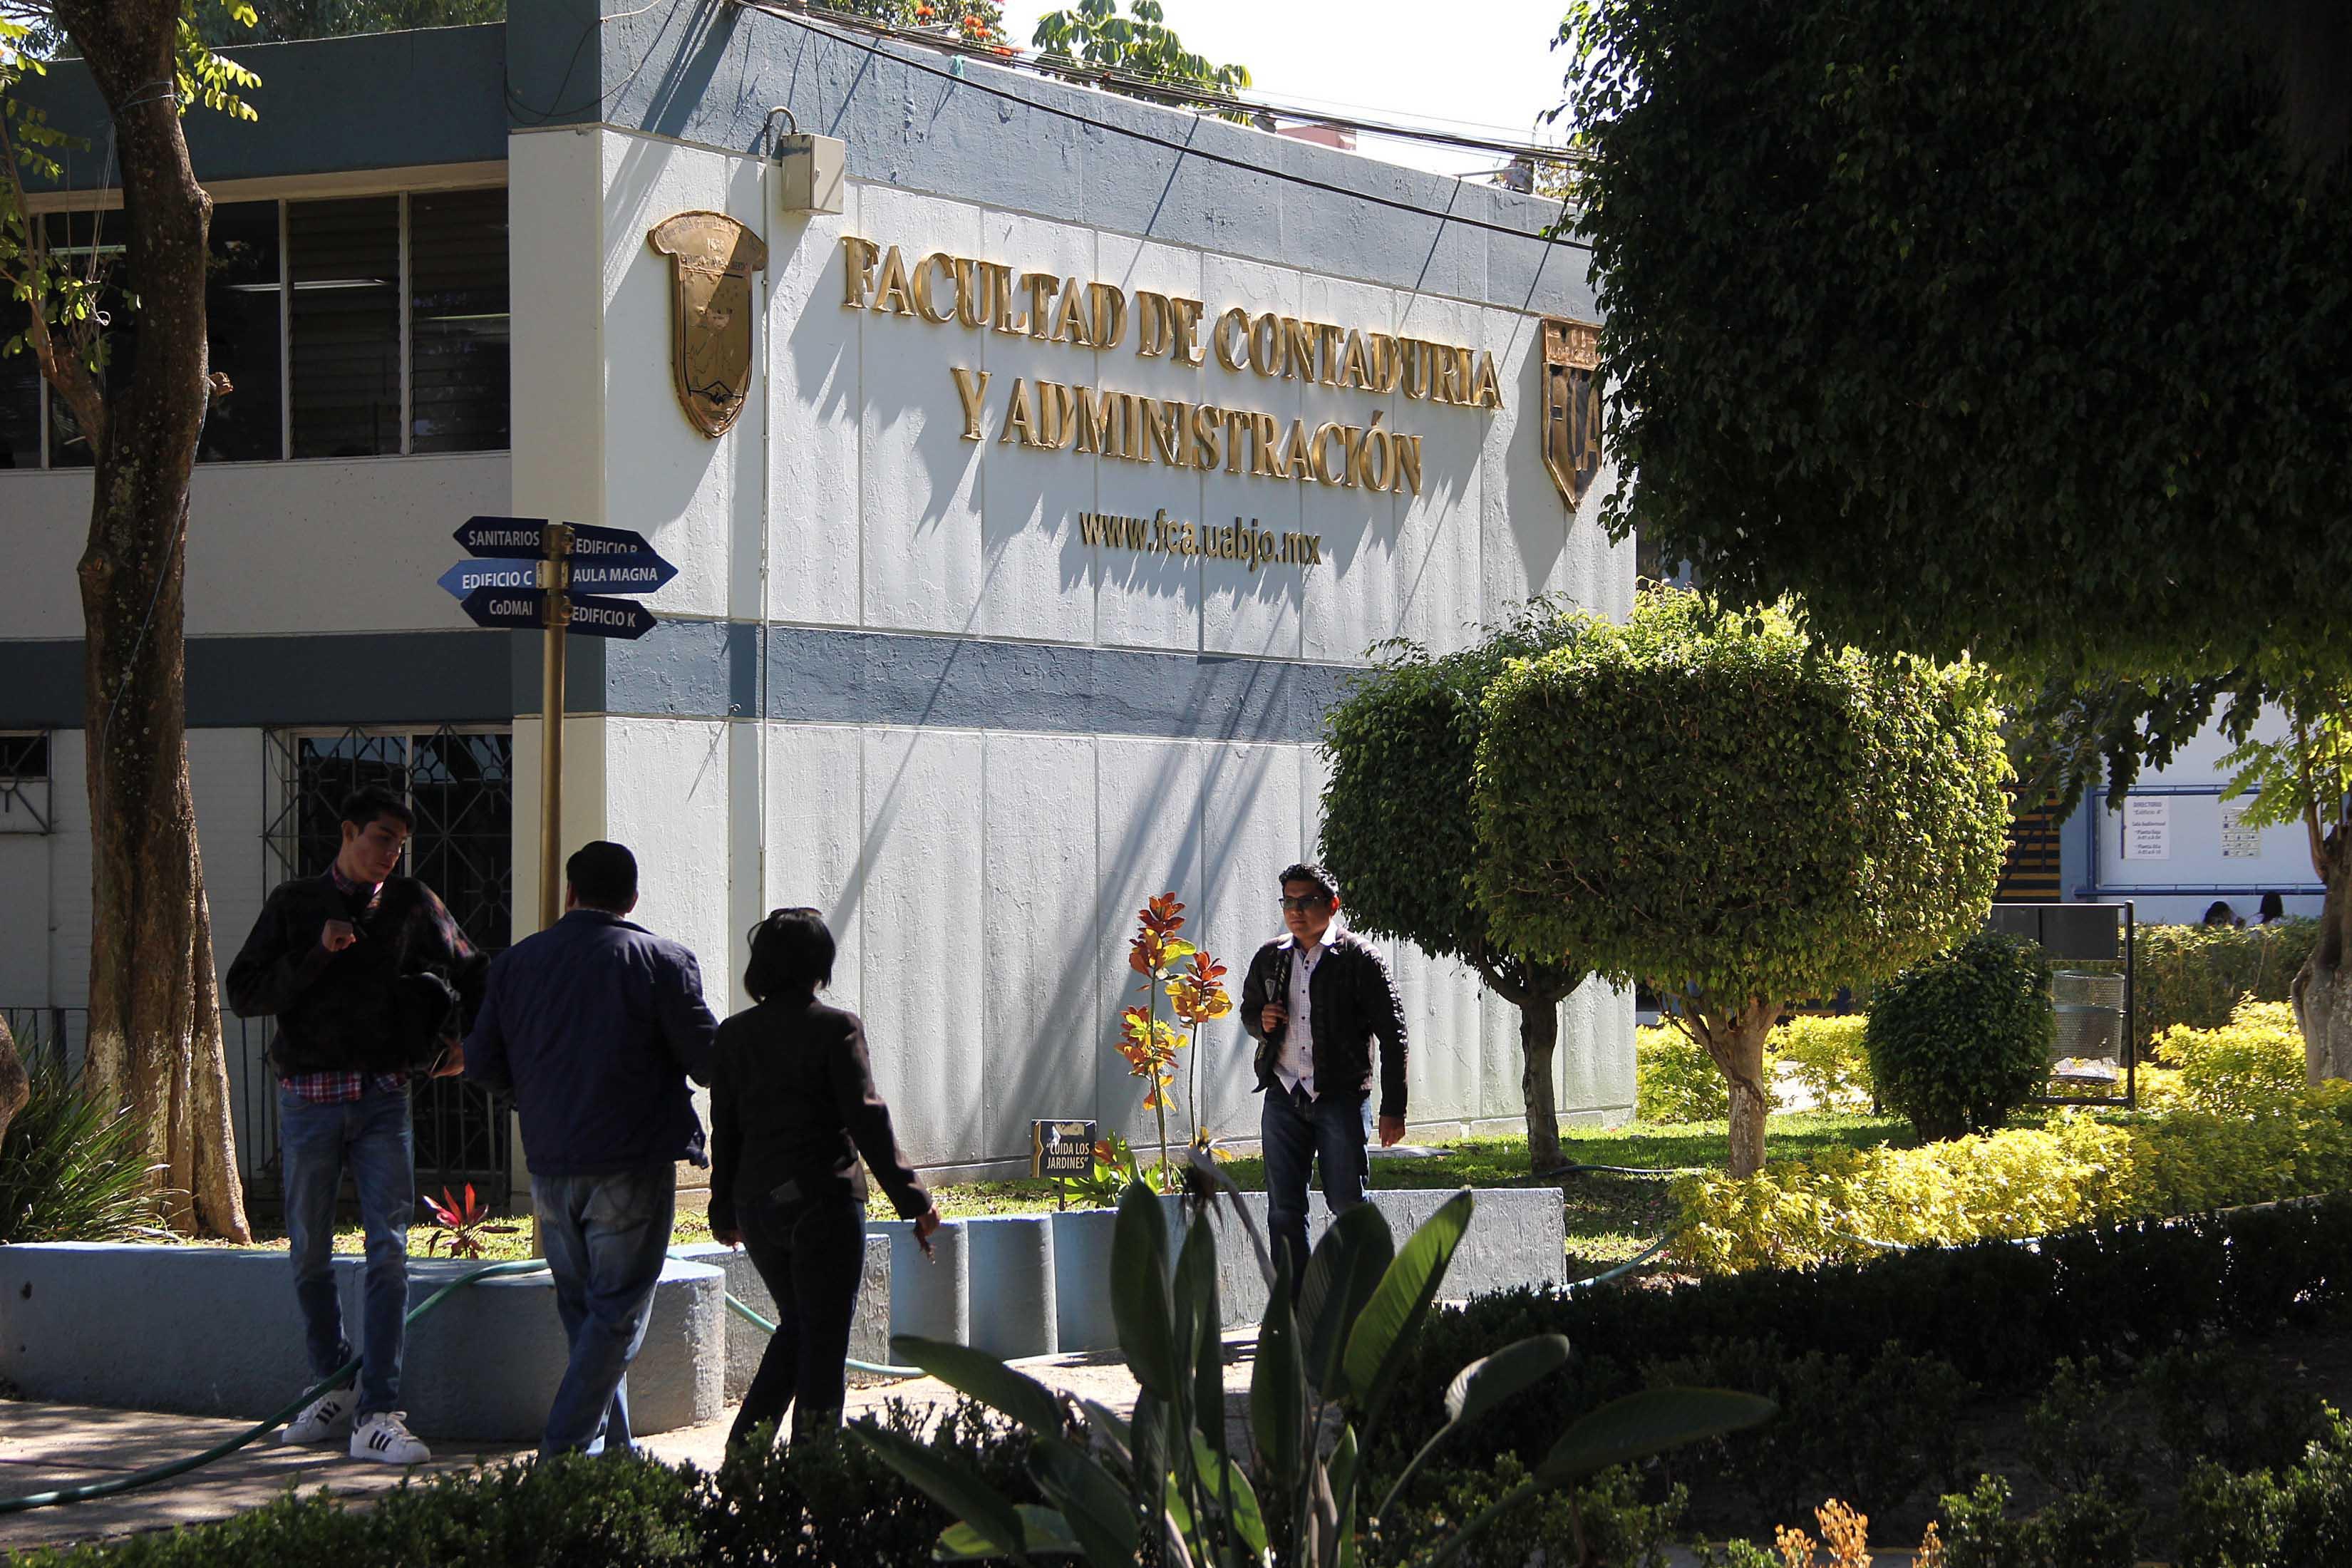 FACULTAD DE CONTADURIA Y ADMINISTRACION